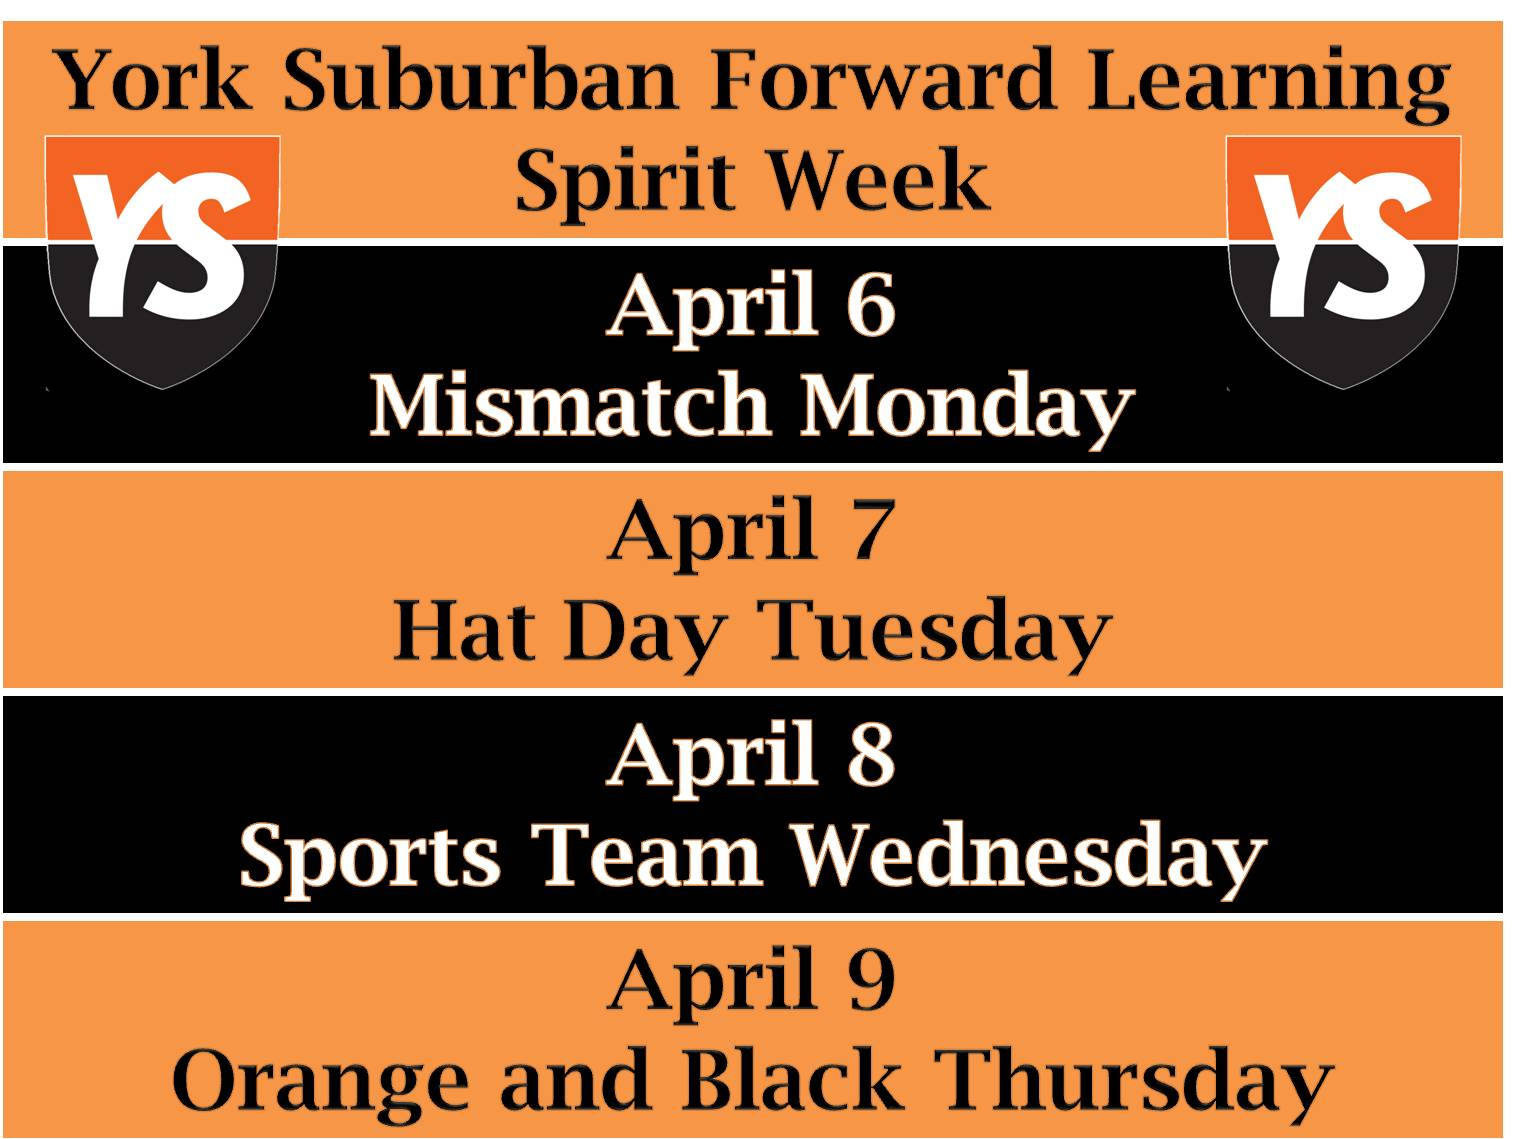 YS Spirit Week April 6-9